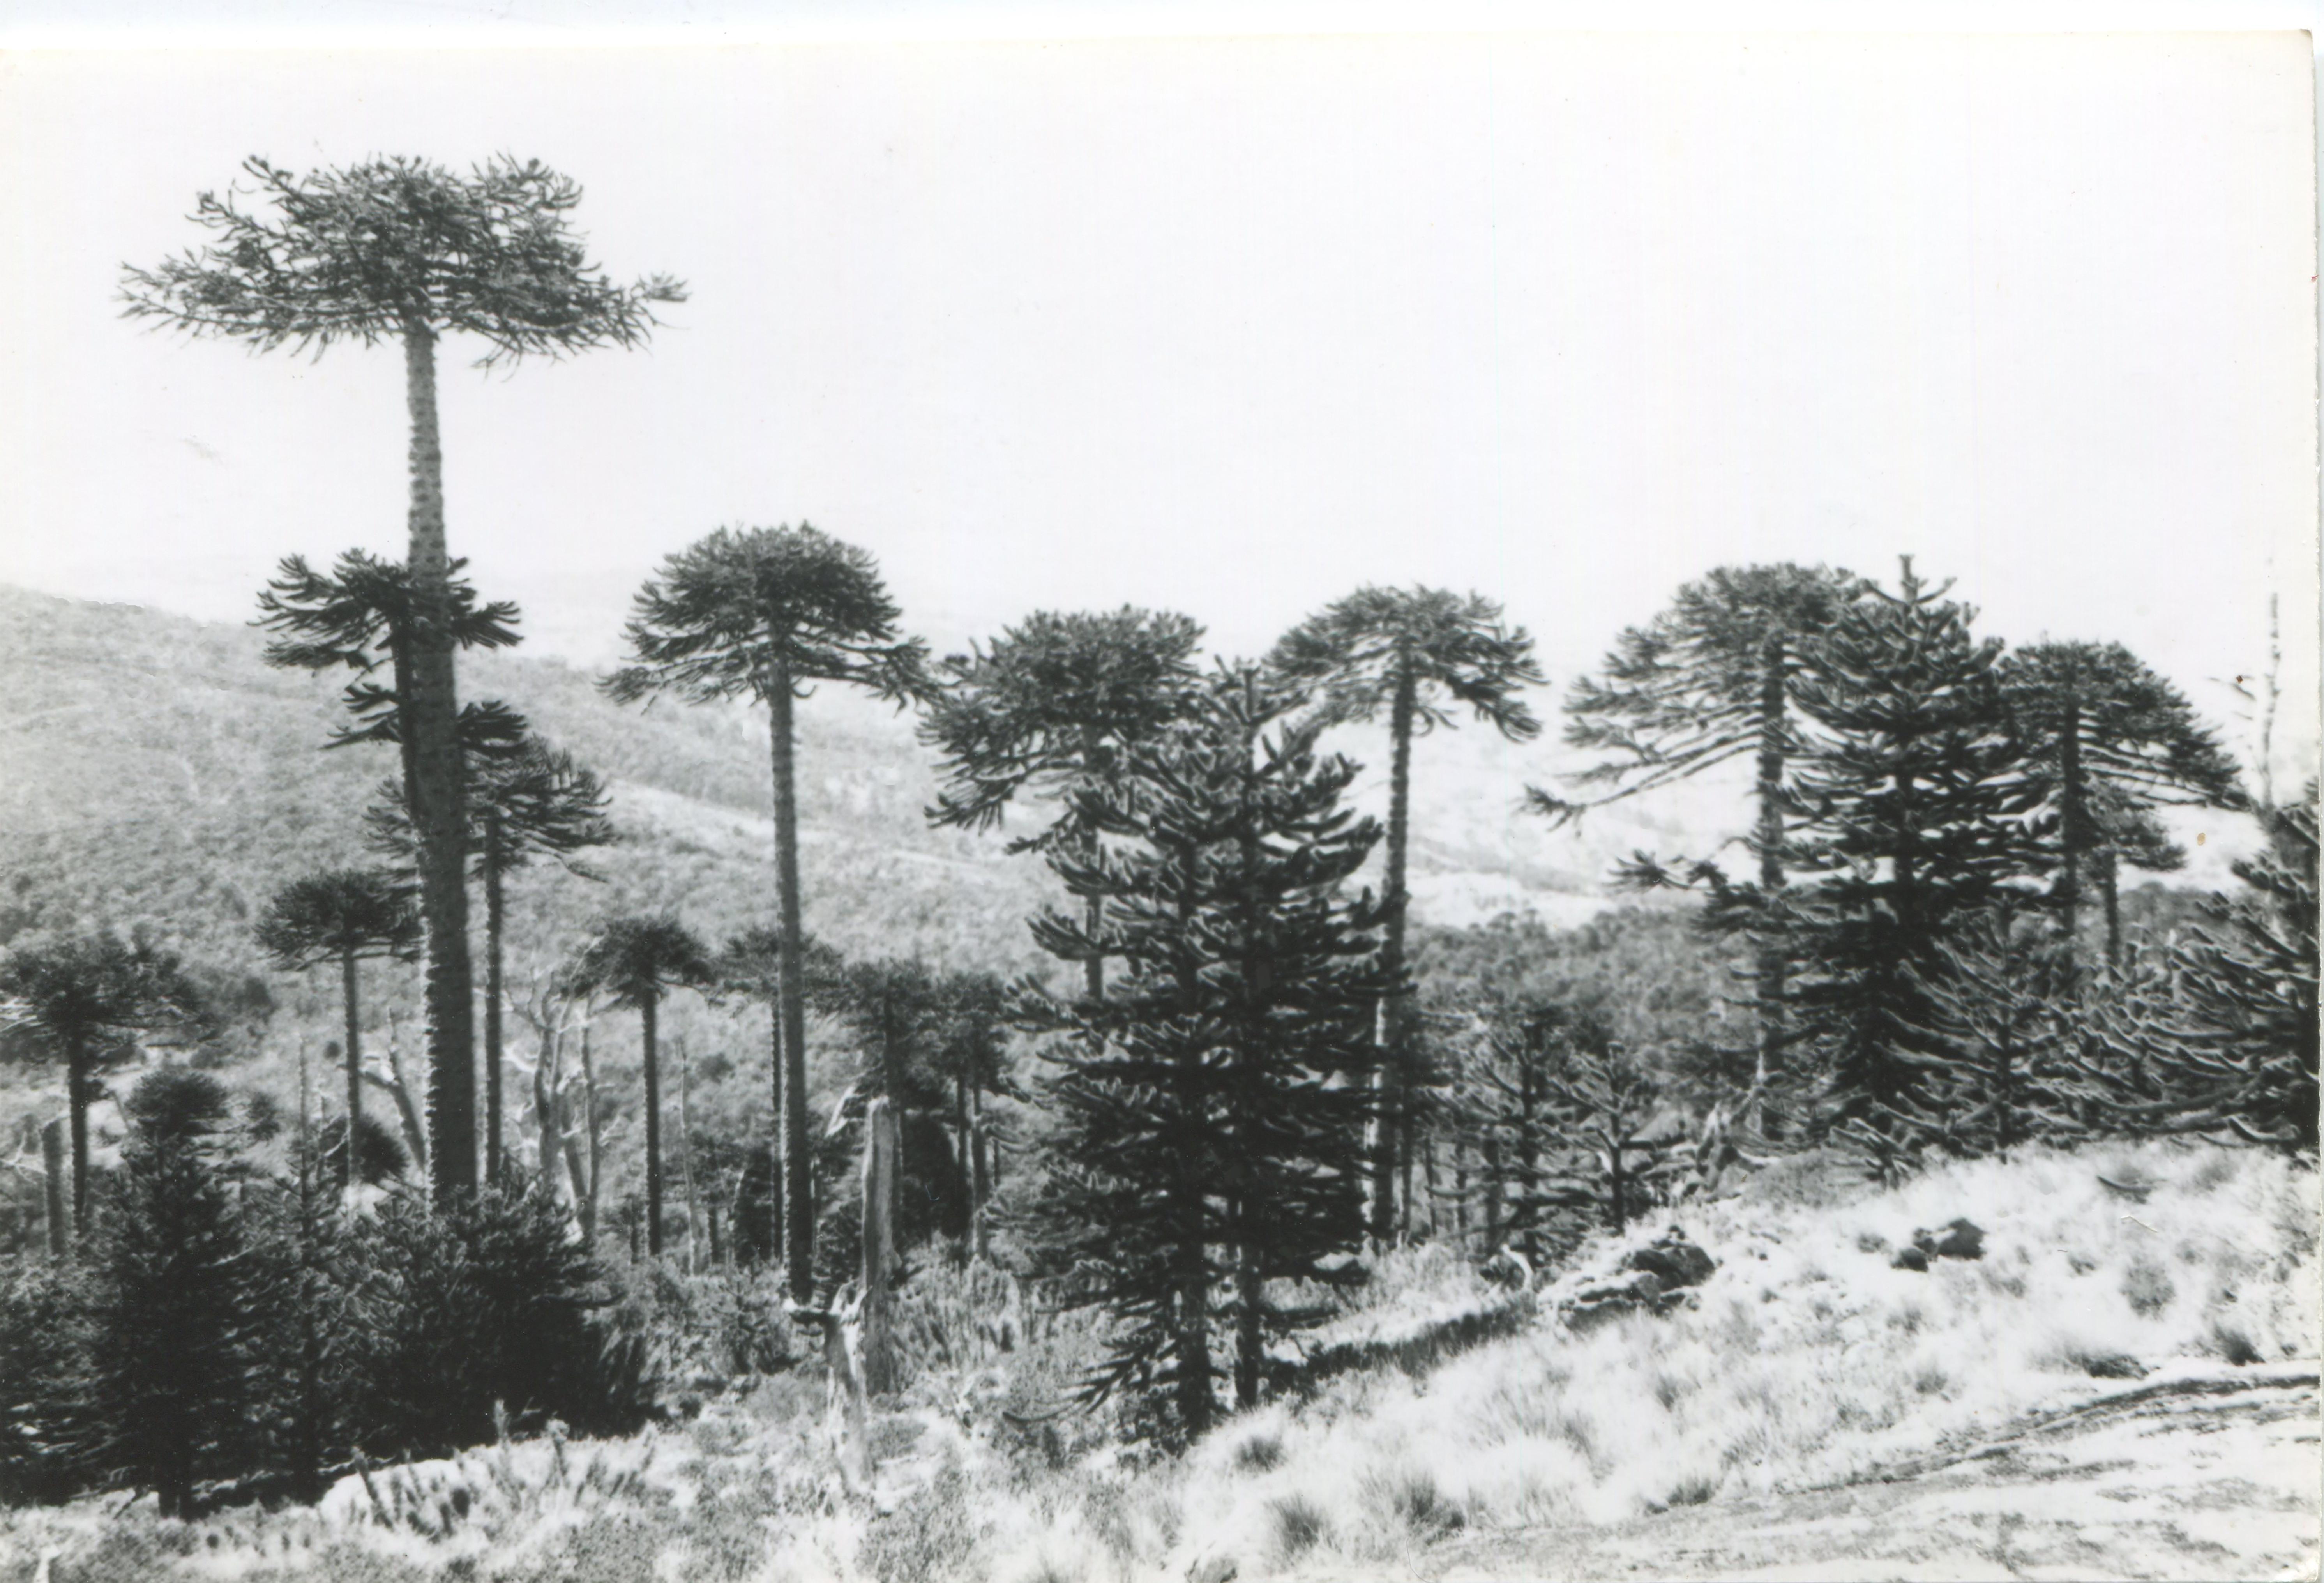 Enterreno - Fotos históricas de chile - fotos antiguas de Chile - Parque Nacional Nahuelbuta en los 50s